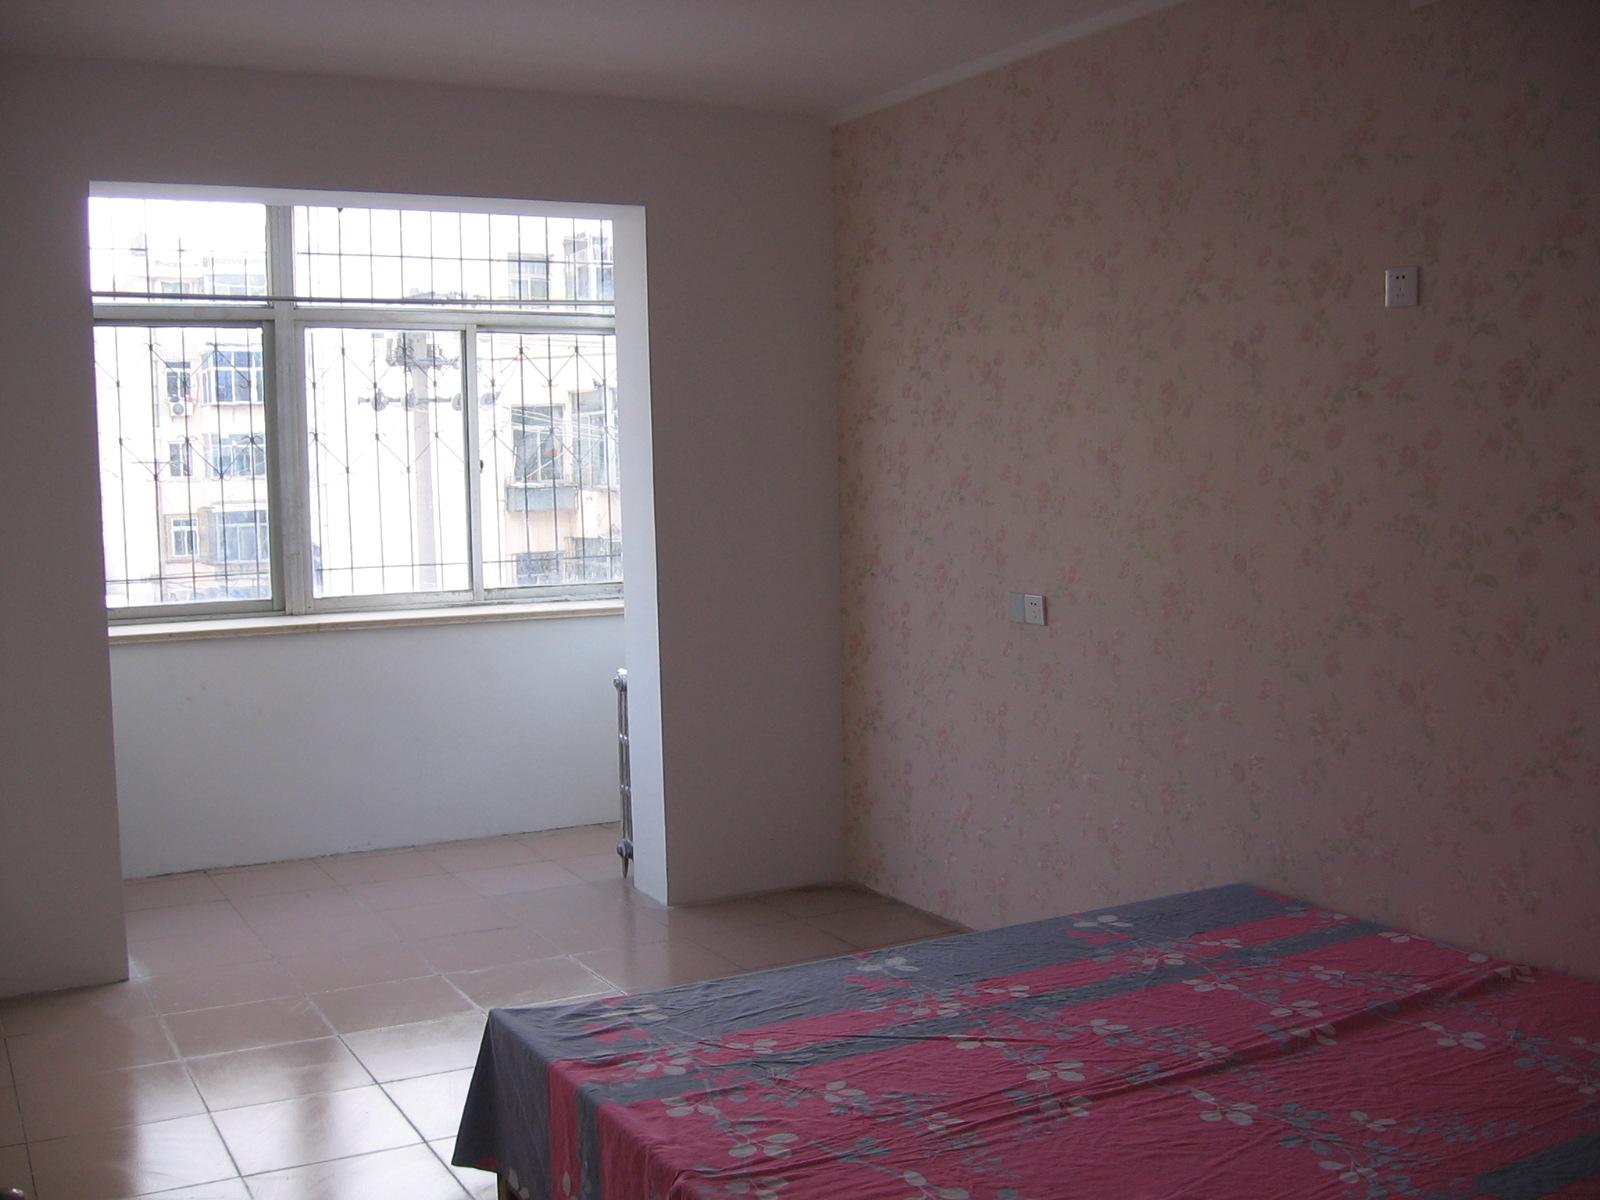 芝罘区幸福河三室两厅3楼81平米西大头精装修63.8万